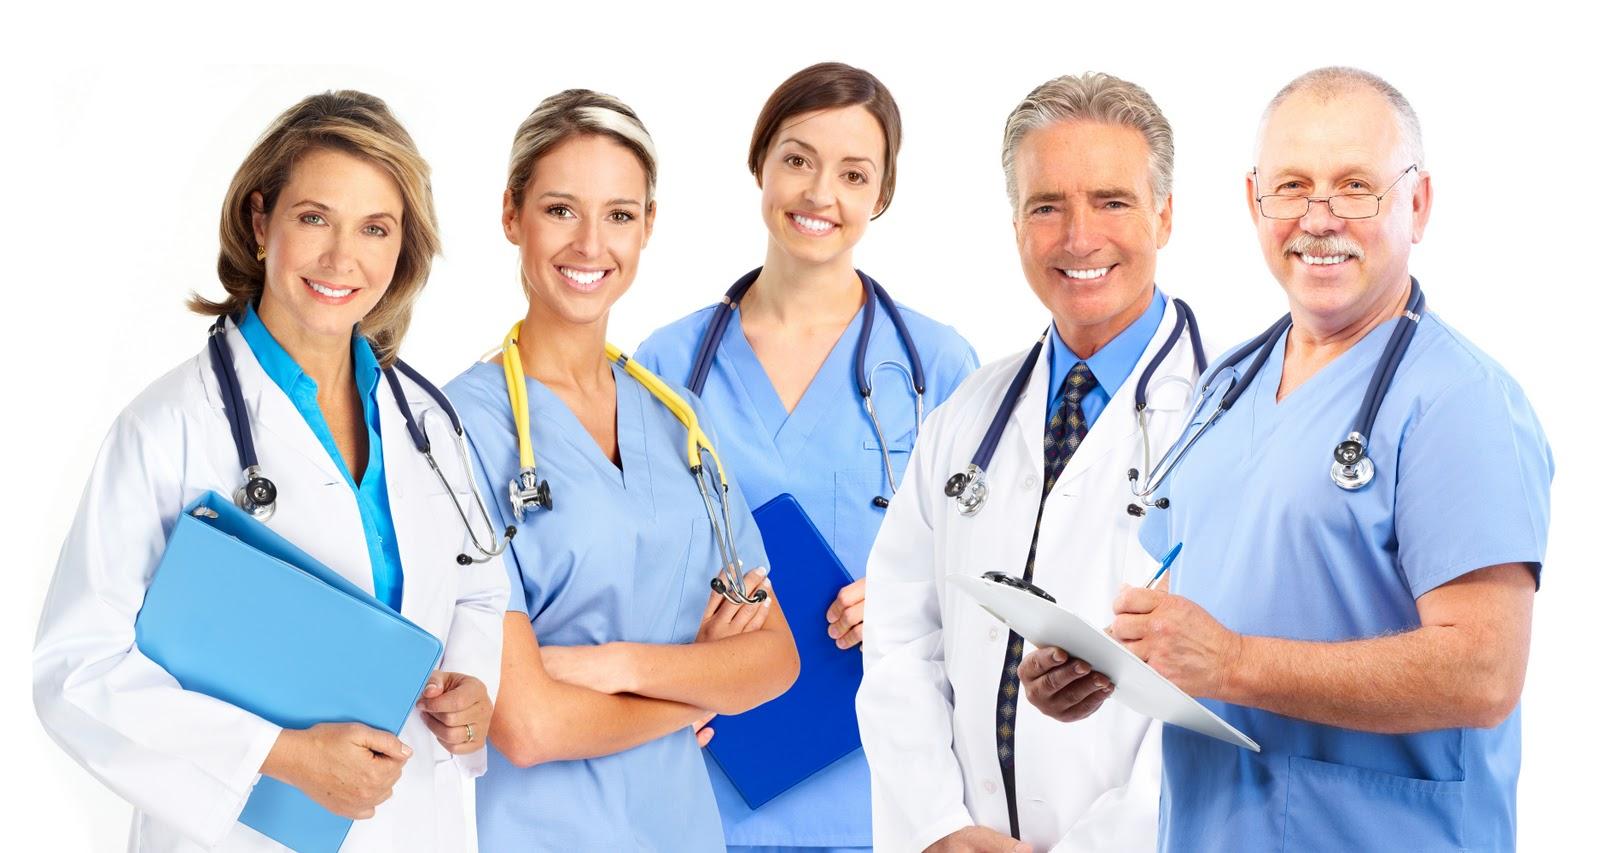 Speciale RC Professionale medici e sanitari